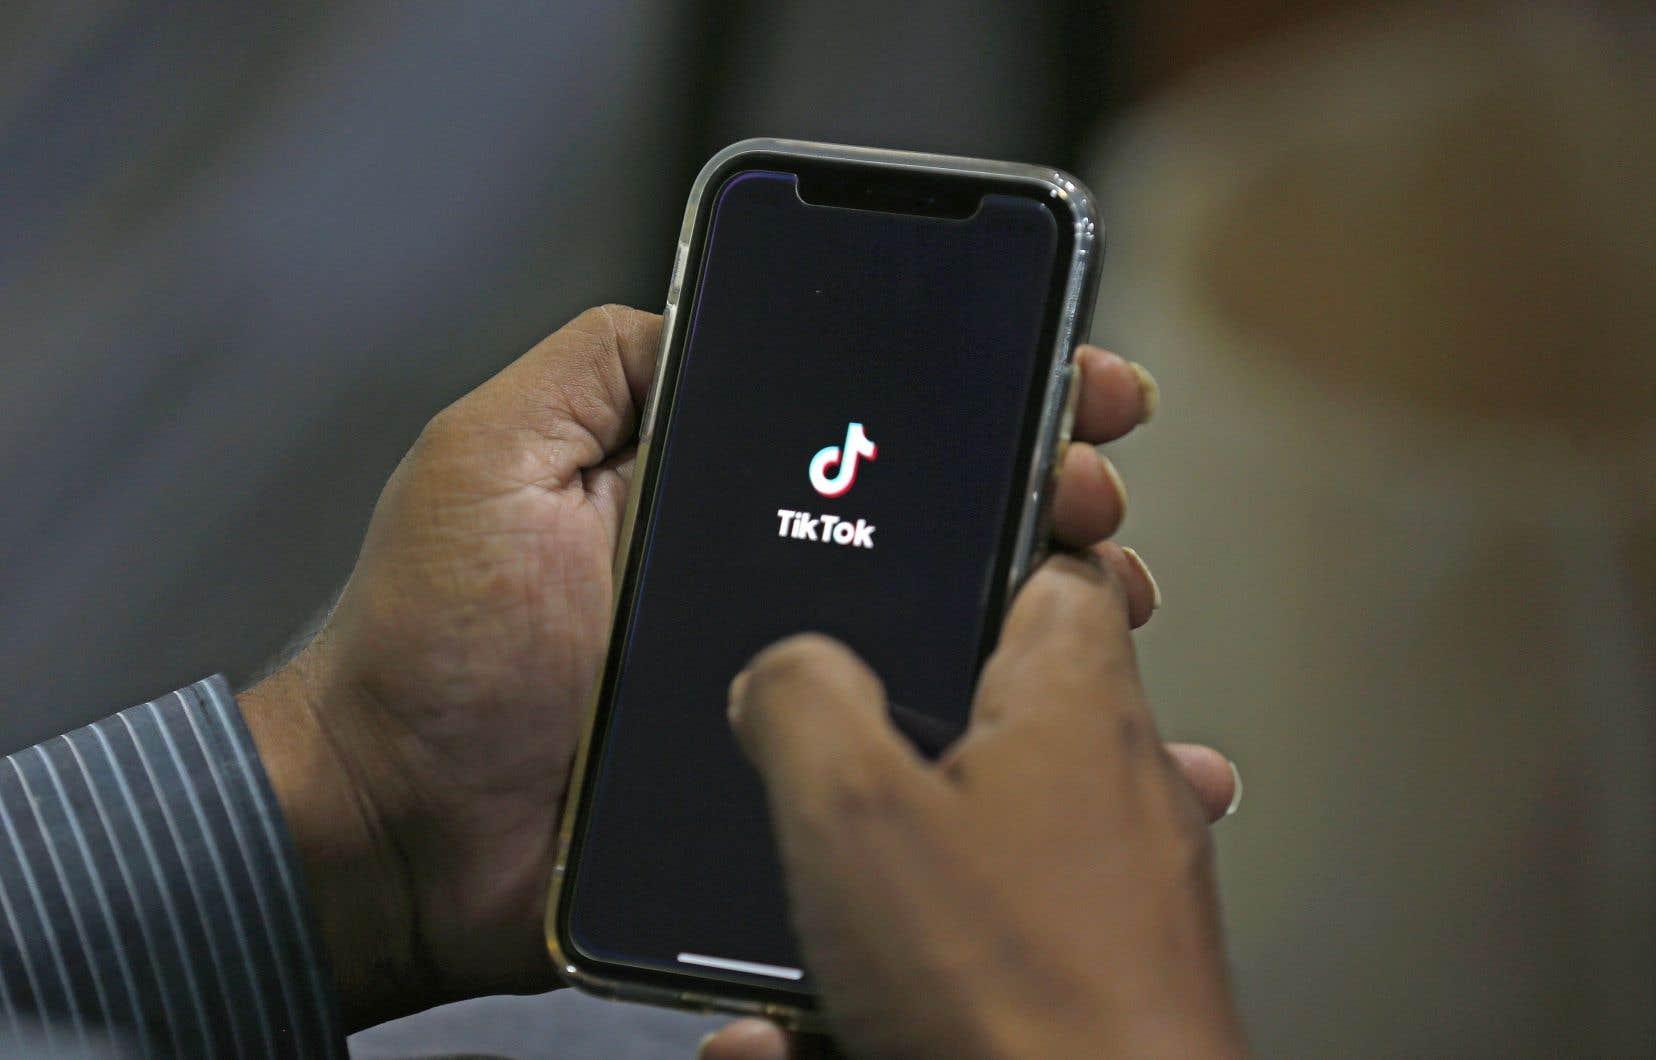 Selon la chaîne américaine CNBC, TikTok est proche d'un accord avec un acheteur, à qui il vendrait ses opérations aux États-Unis, au Canada, en Australie et en Nouvelle-Zélande, pour un prix compris entre 20 et 30milliards de dollars.